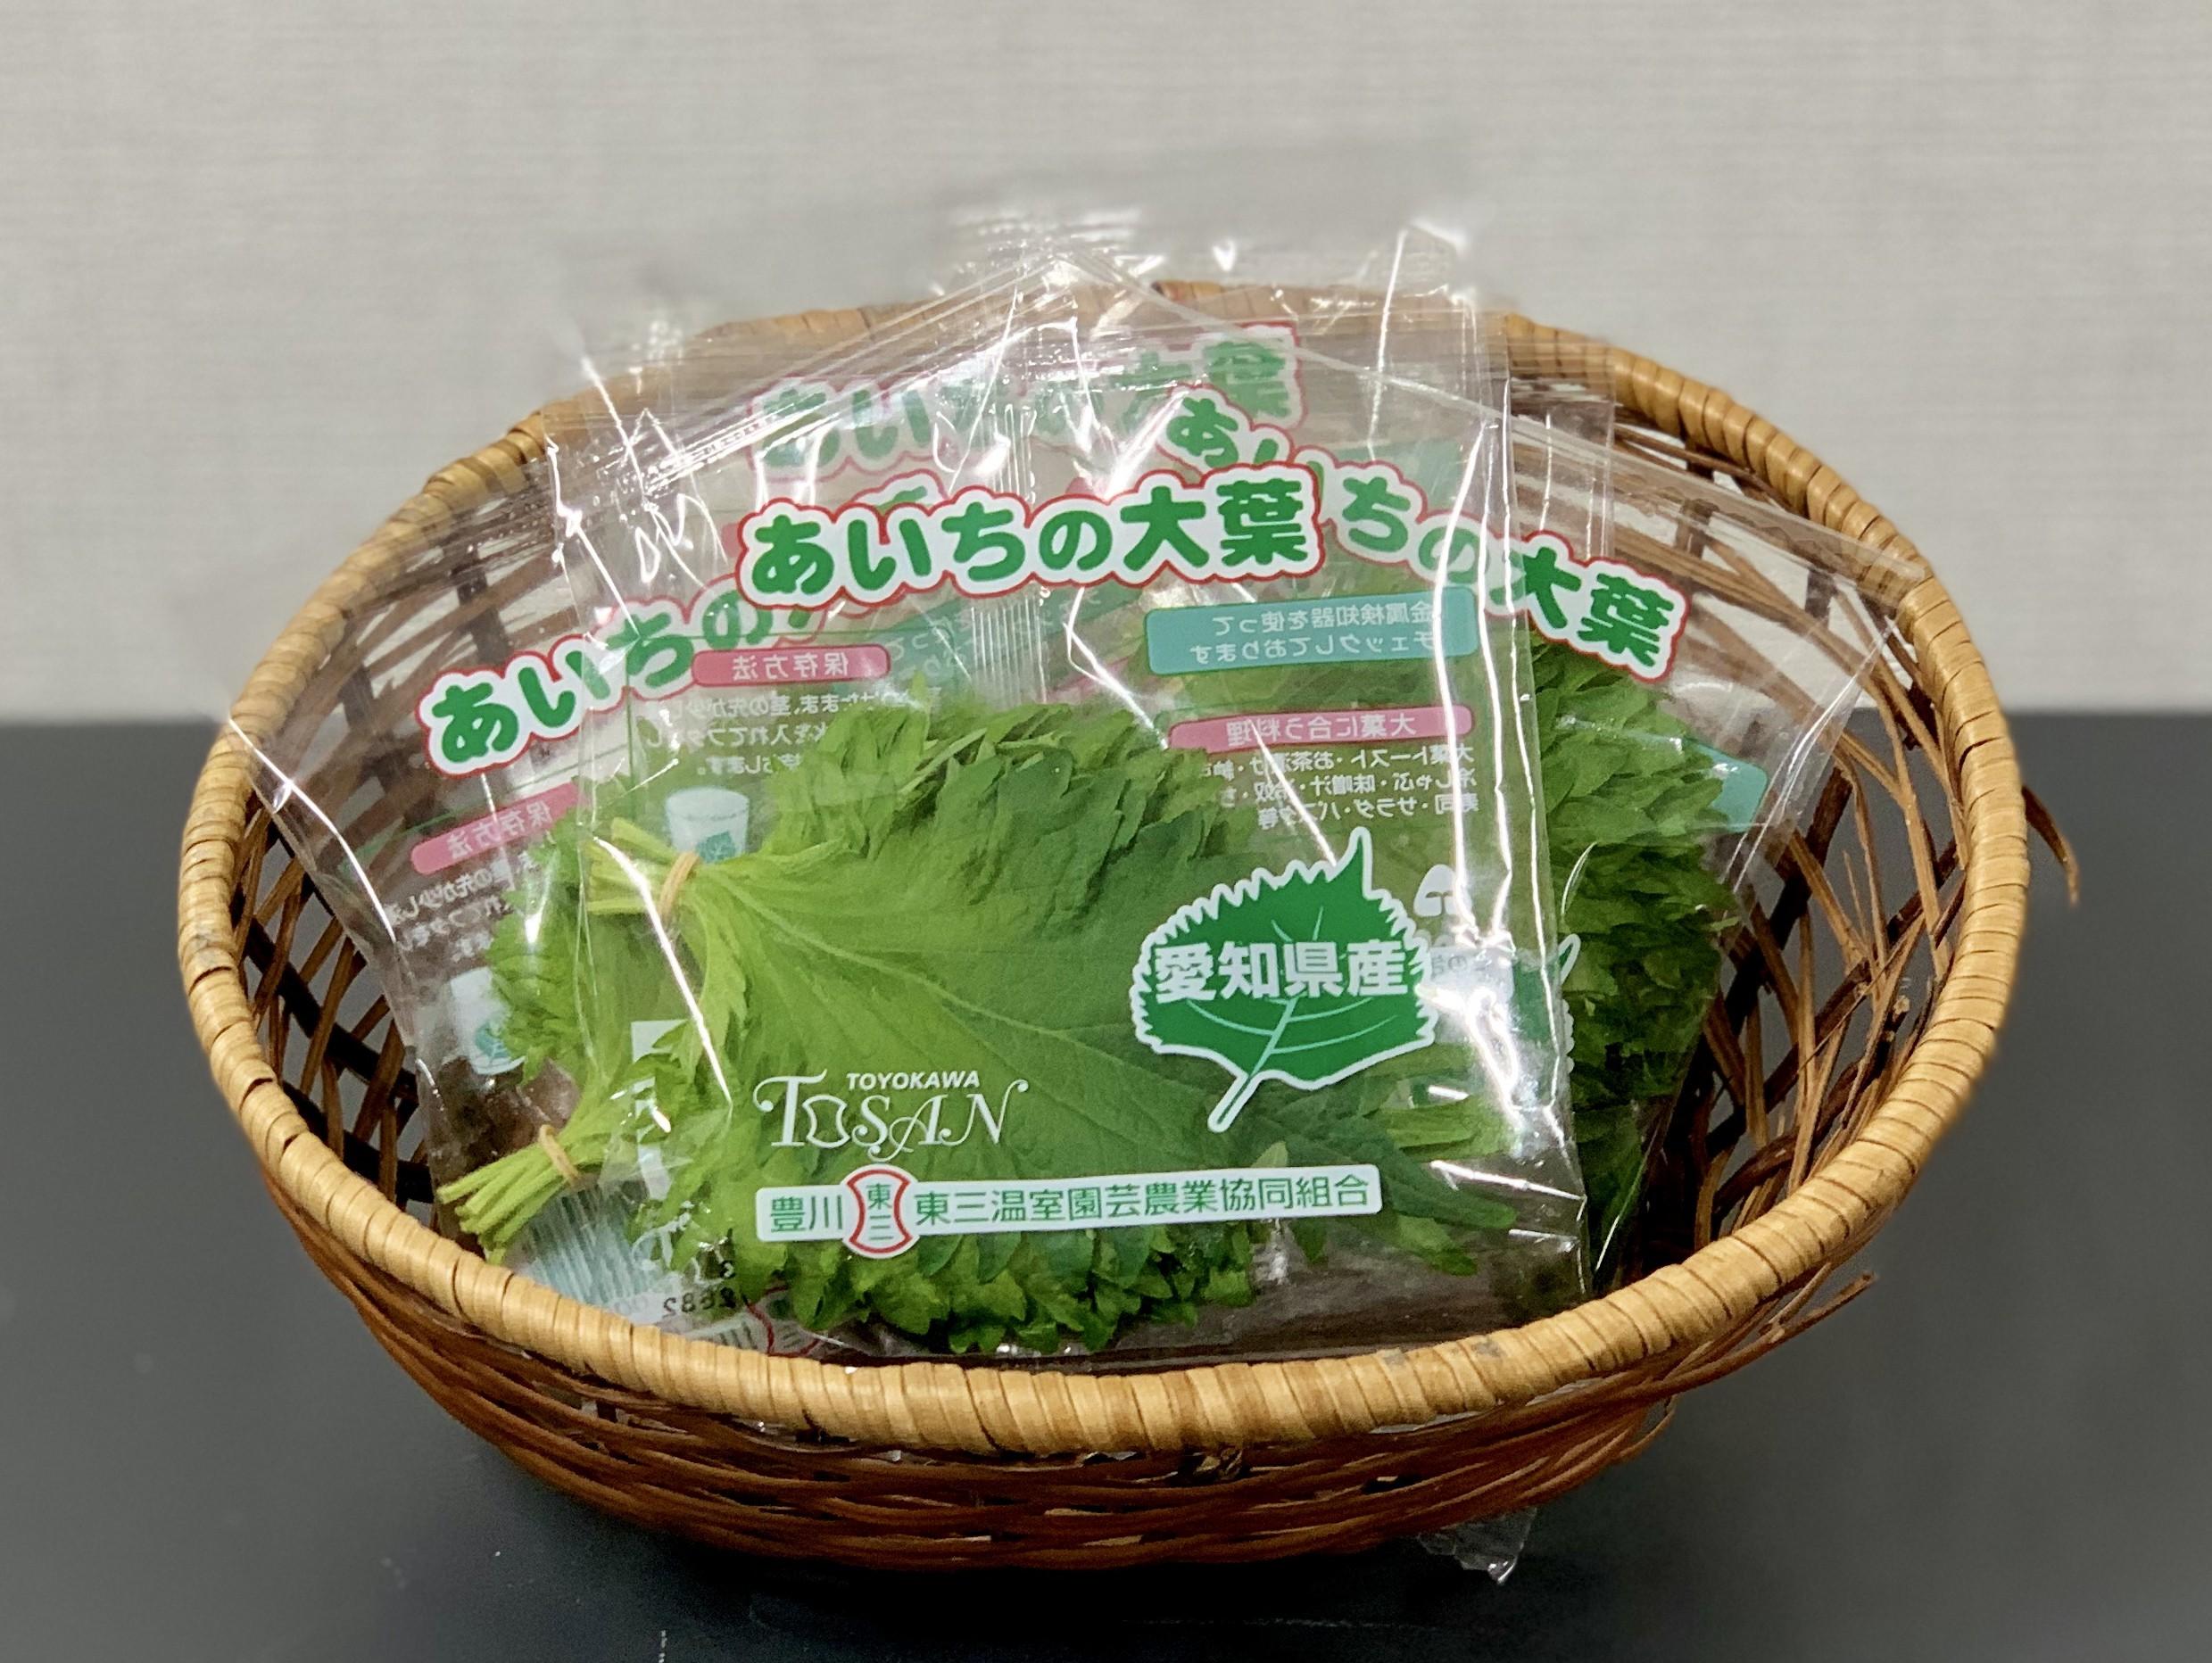 「オーラパック別注品」を導入されて(東三温室園芸農業協同組合 様)